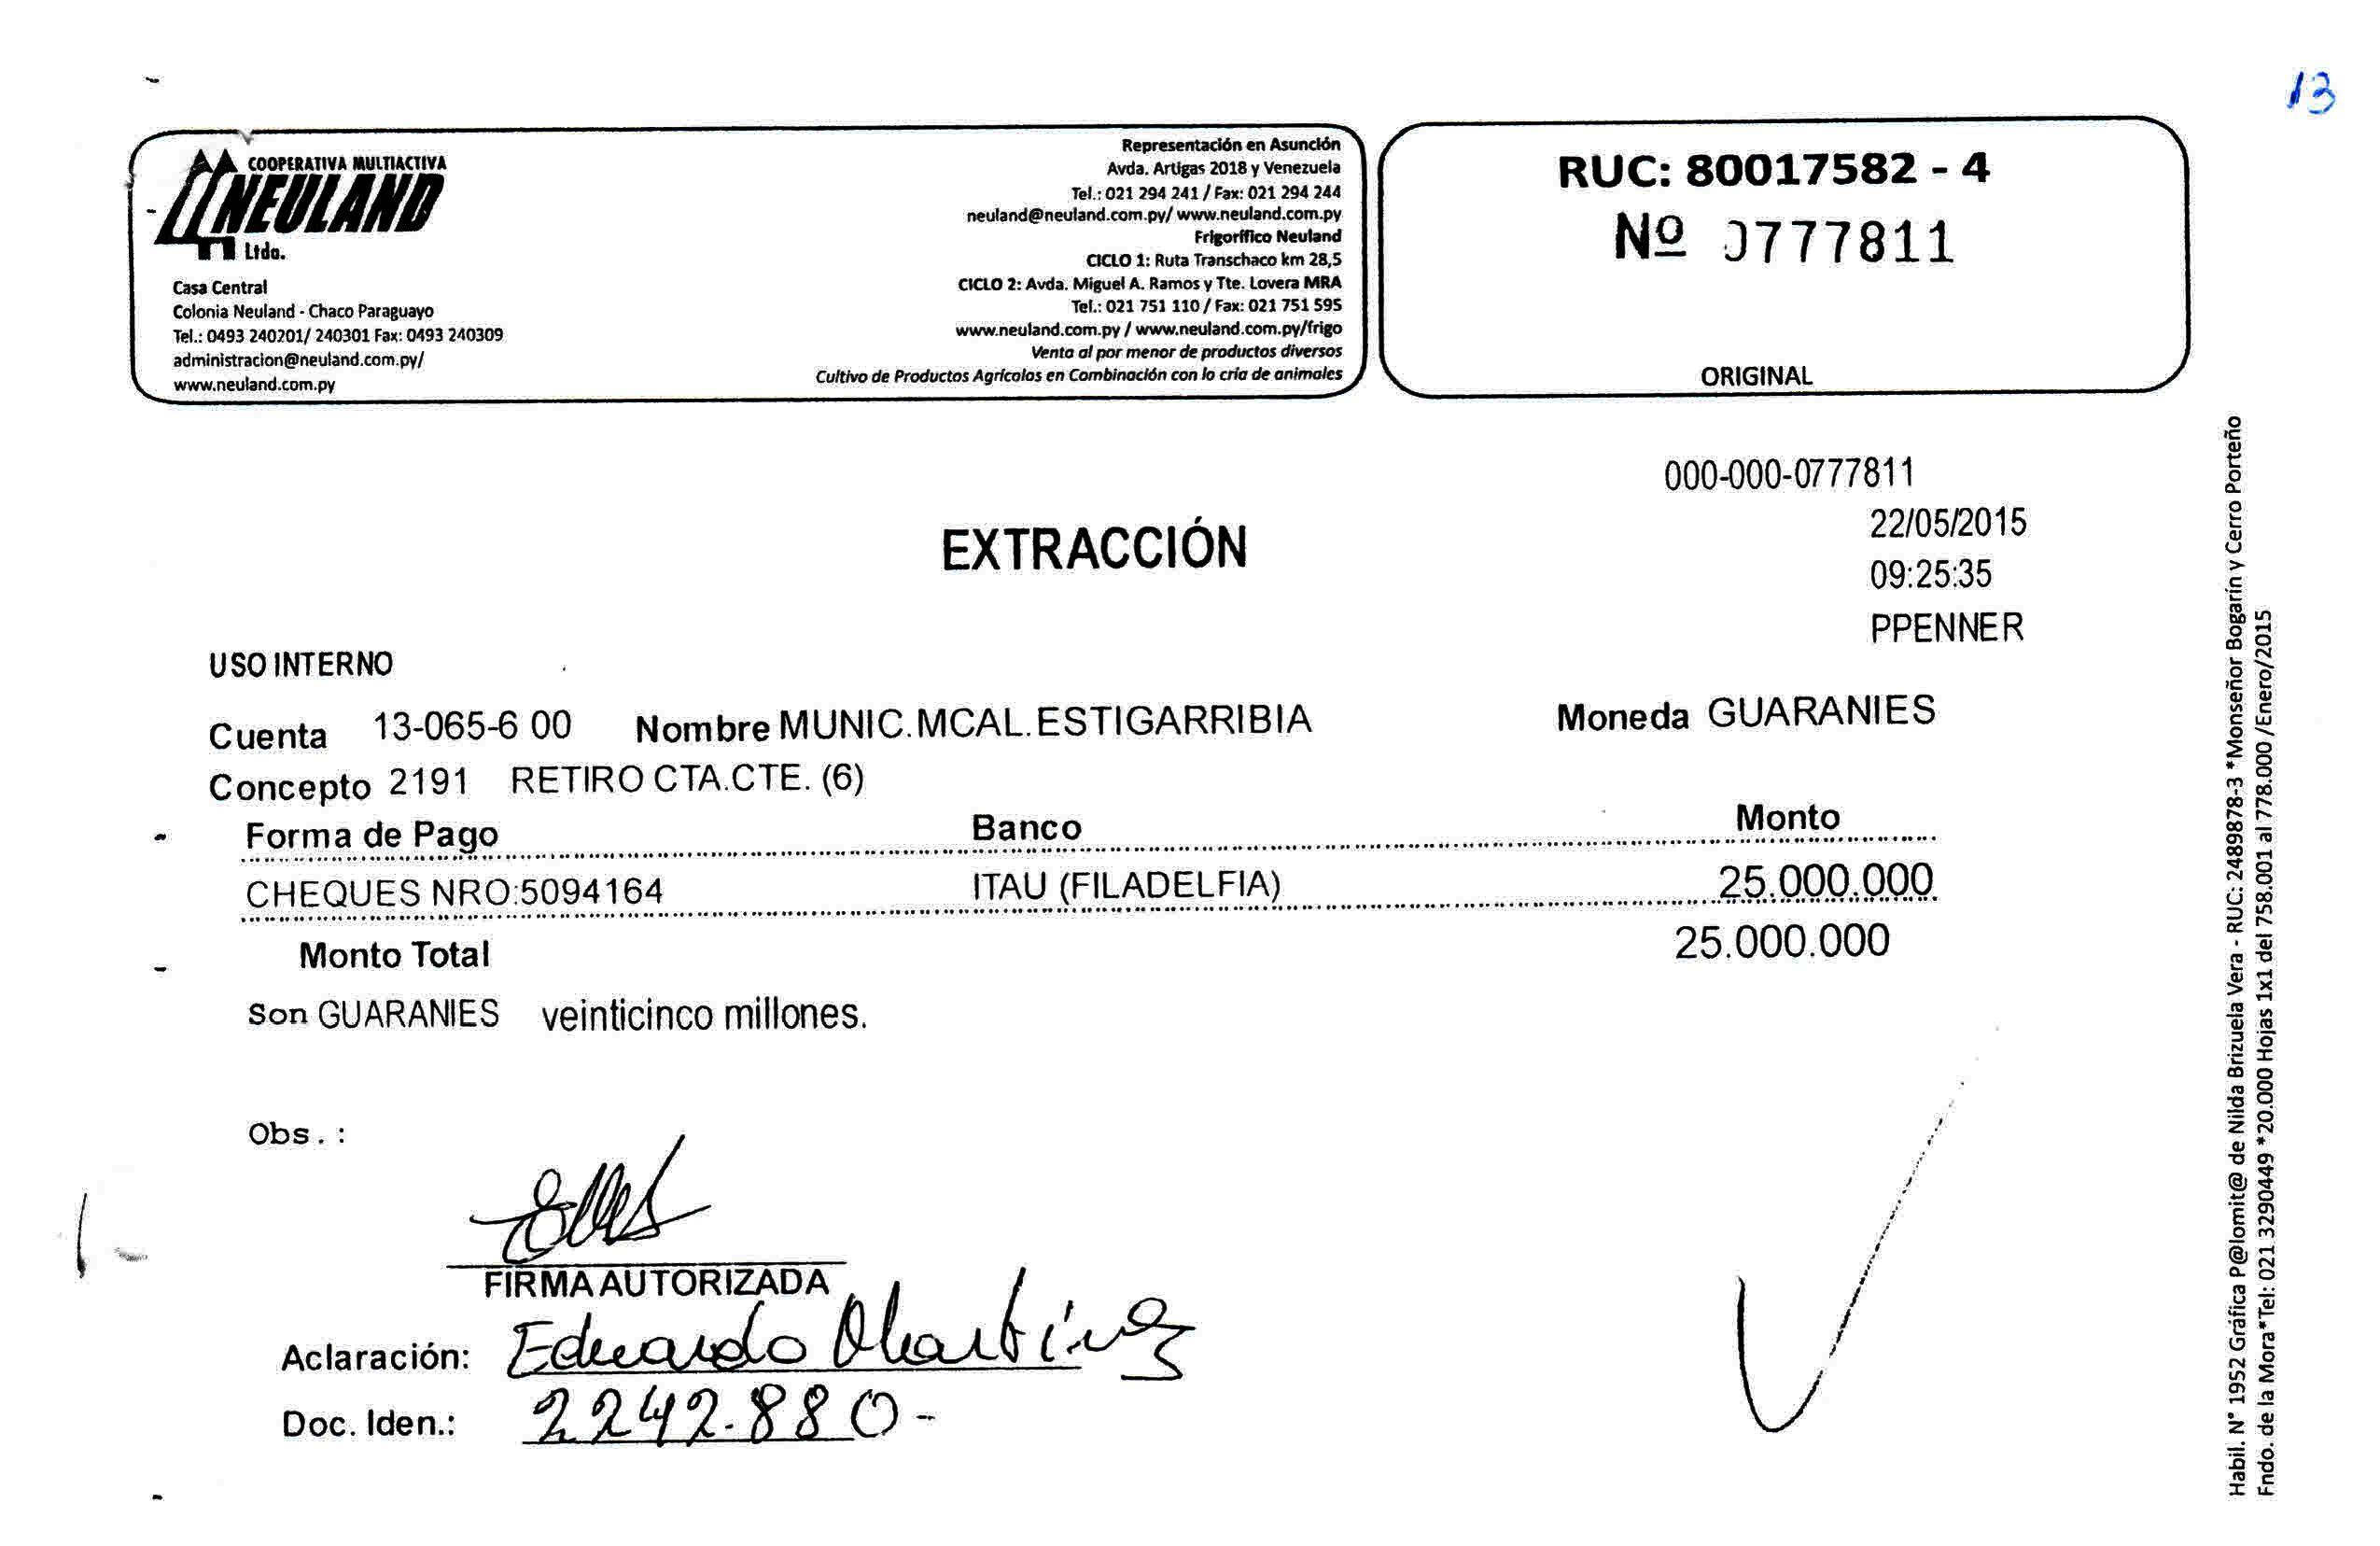 El 22 de mayo de 2015, el concejal Martínez volvió a realizar dos extracciones.